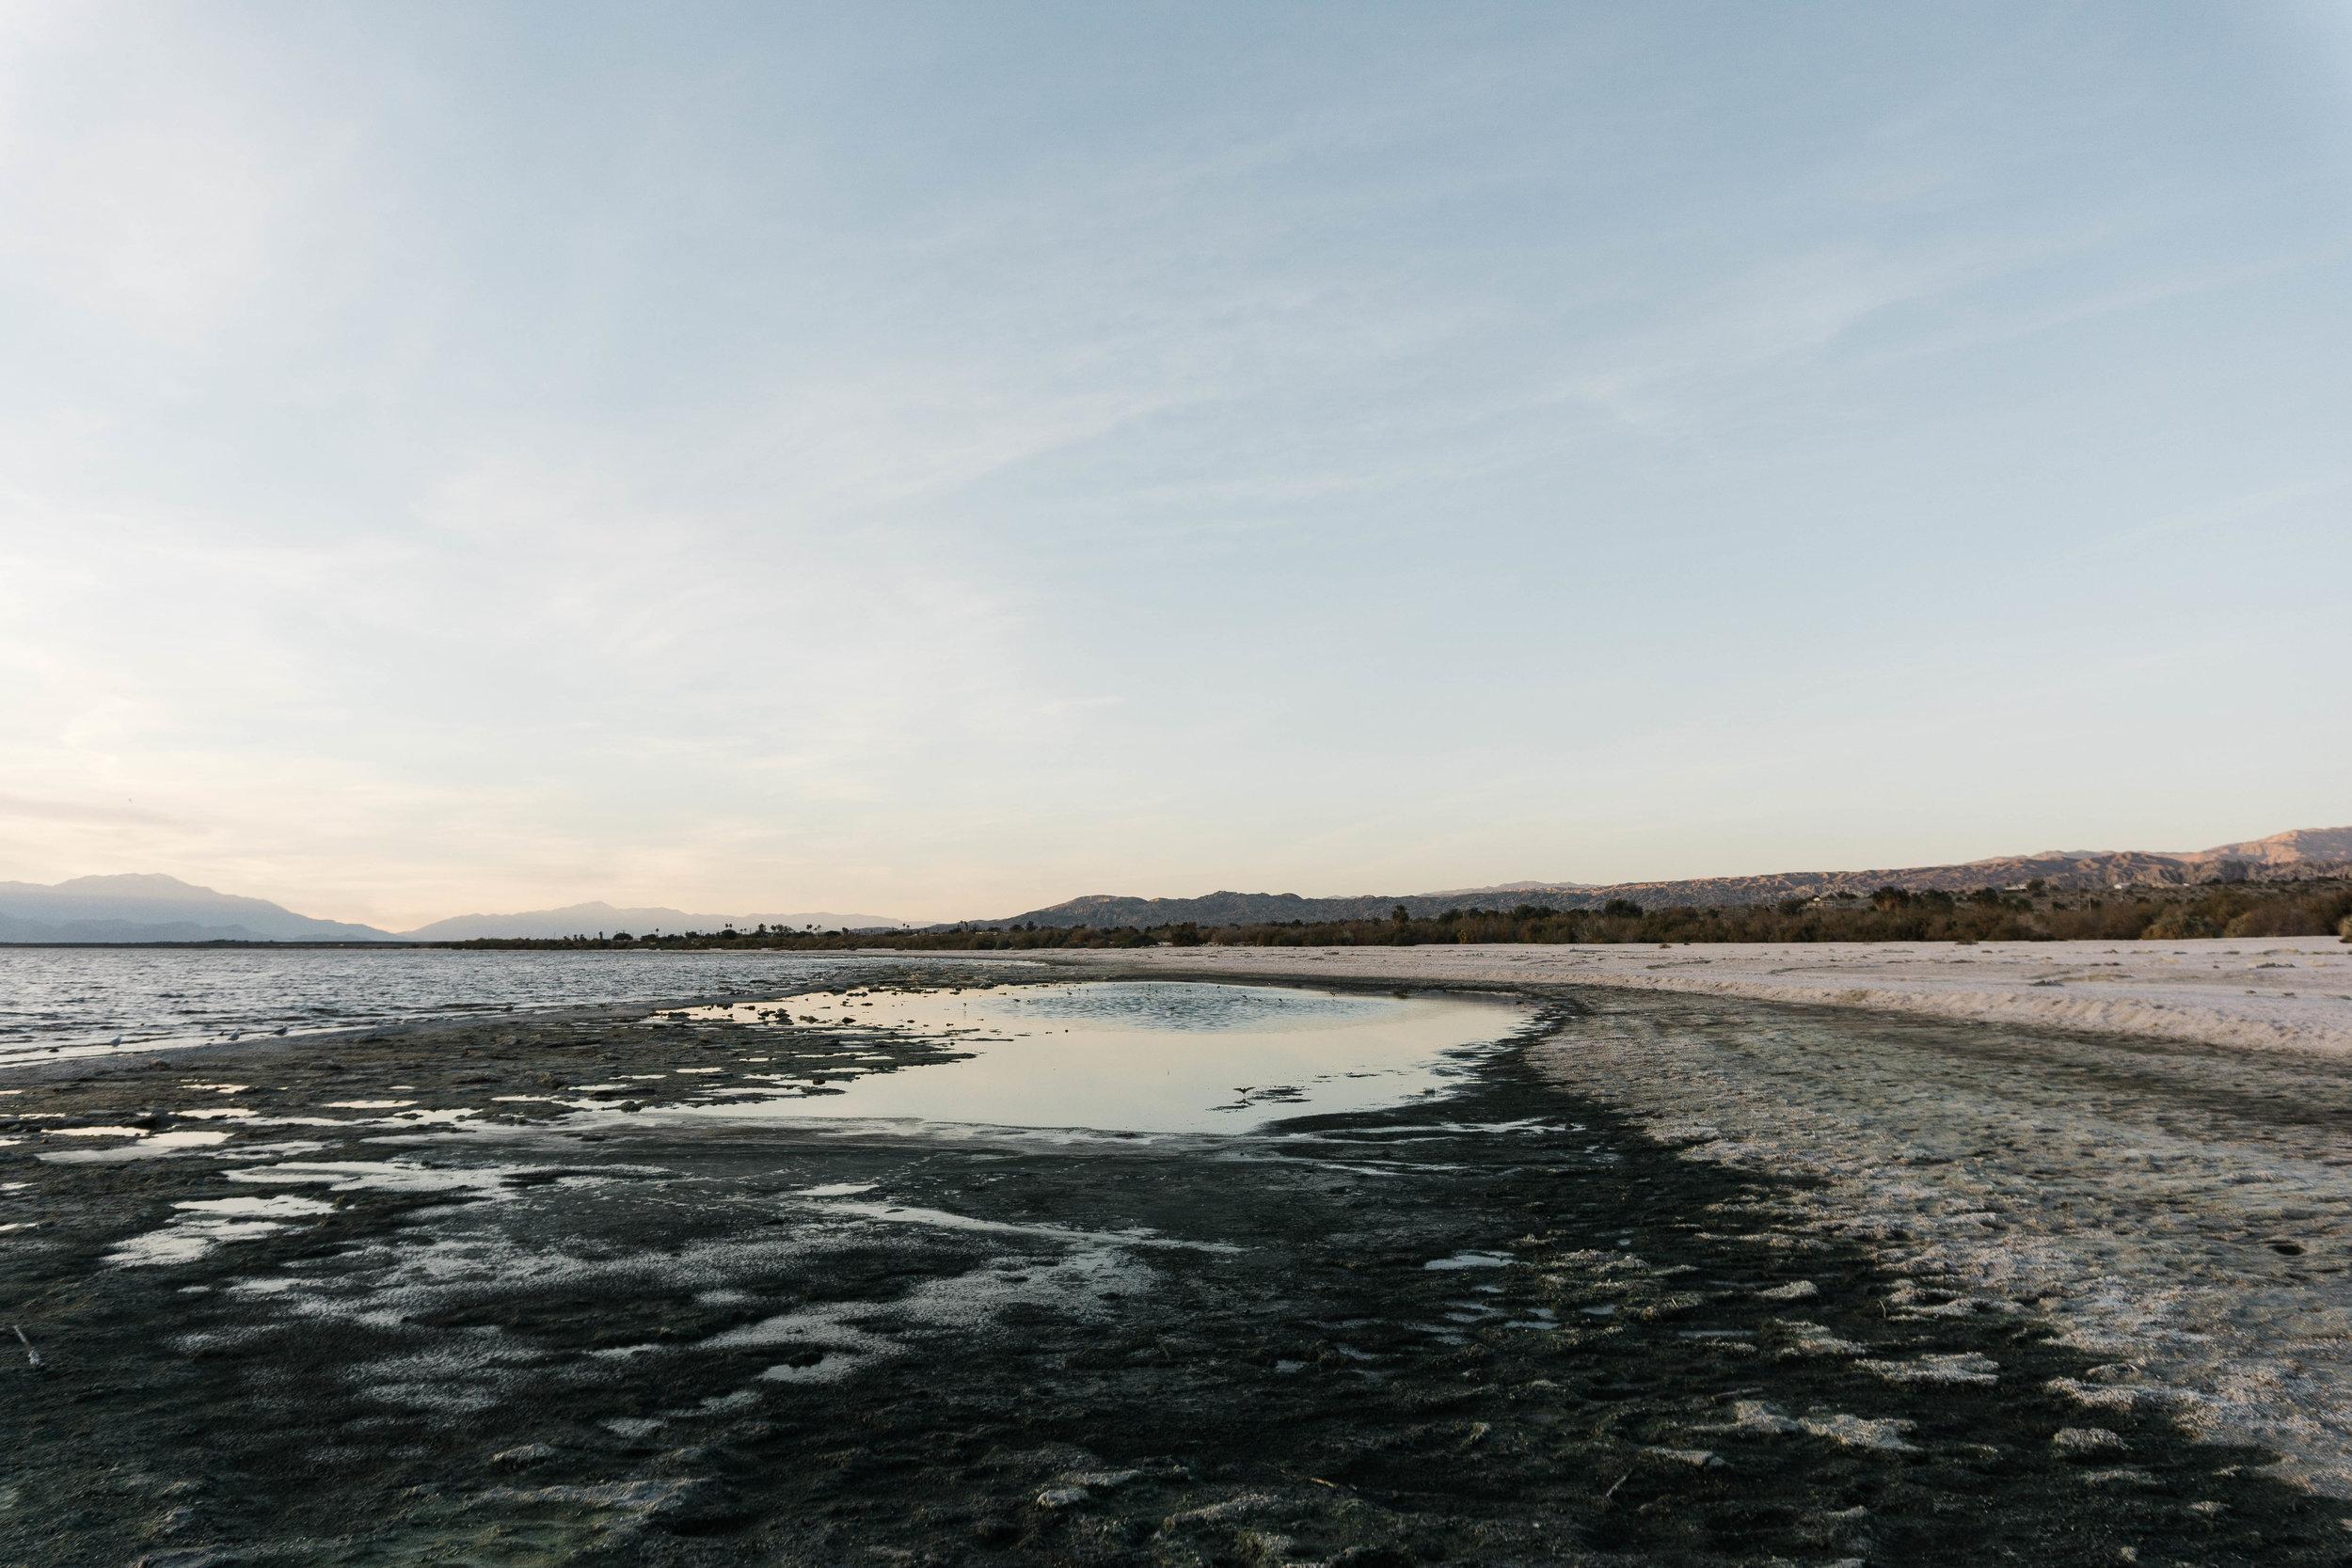 LADDER CANYON + SALTON SEA